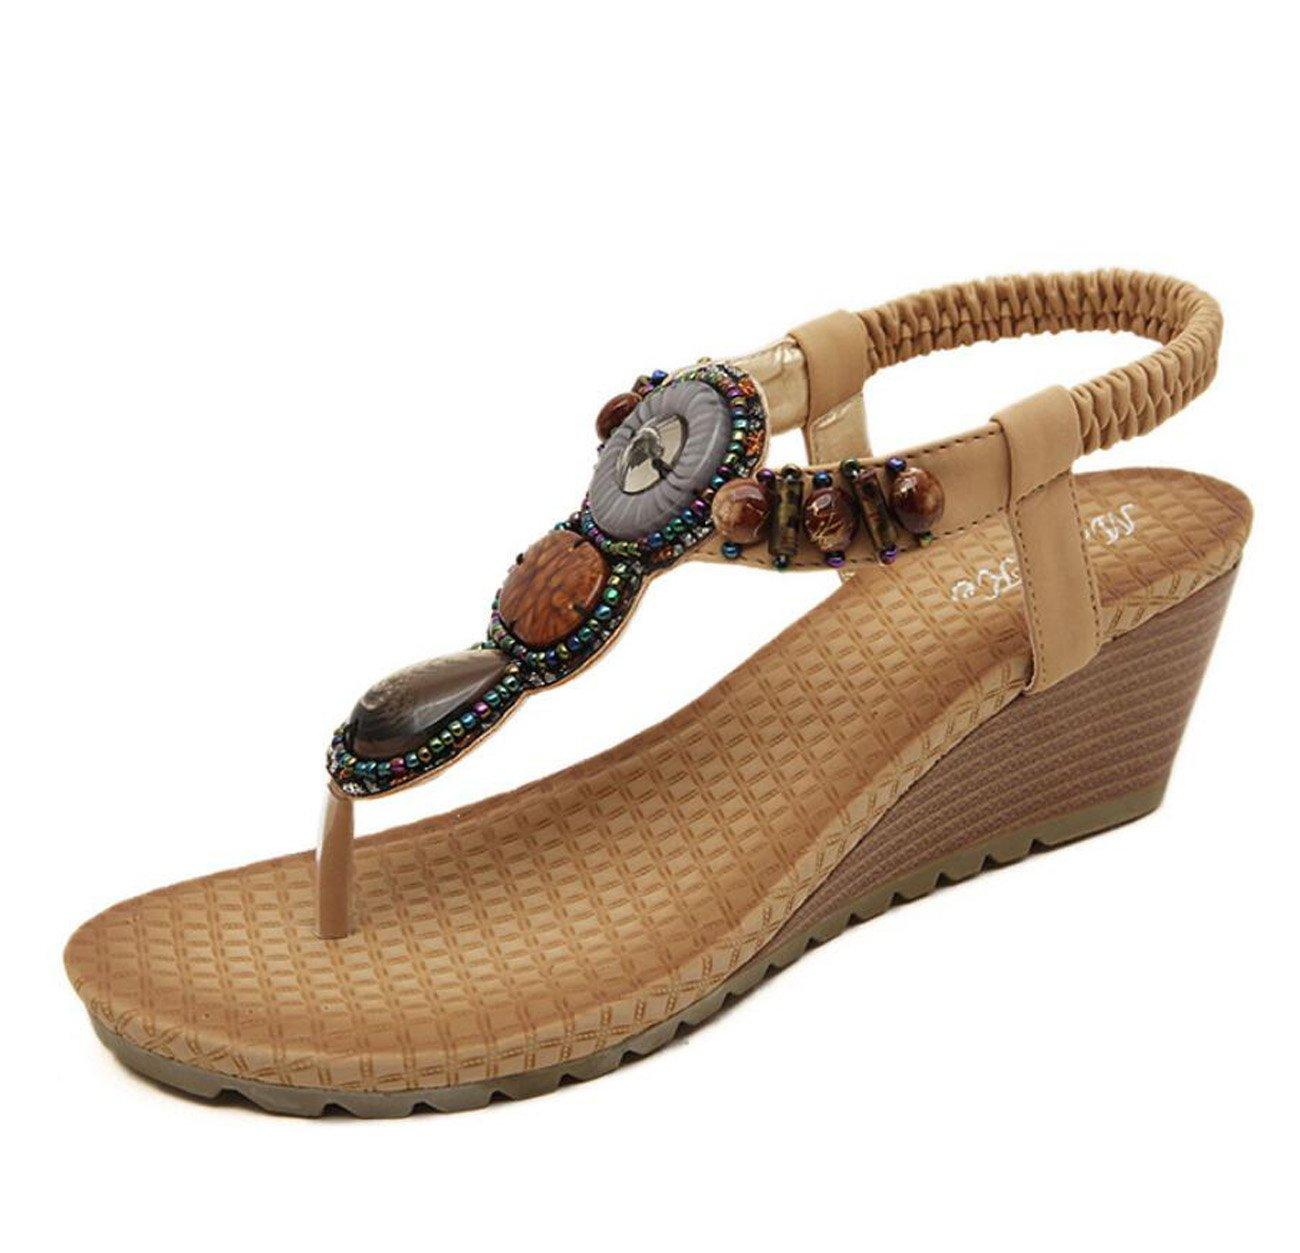 pretty nice 80d42 431a3 Damen Damen Sommer Sandalen Flip Flops Strass Plattform Keile Heels Schuhe  Flip Flops fuuml r